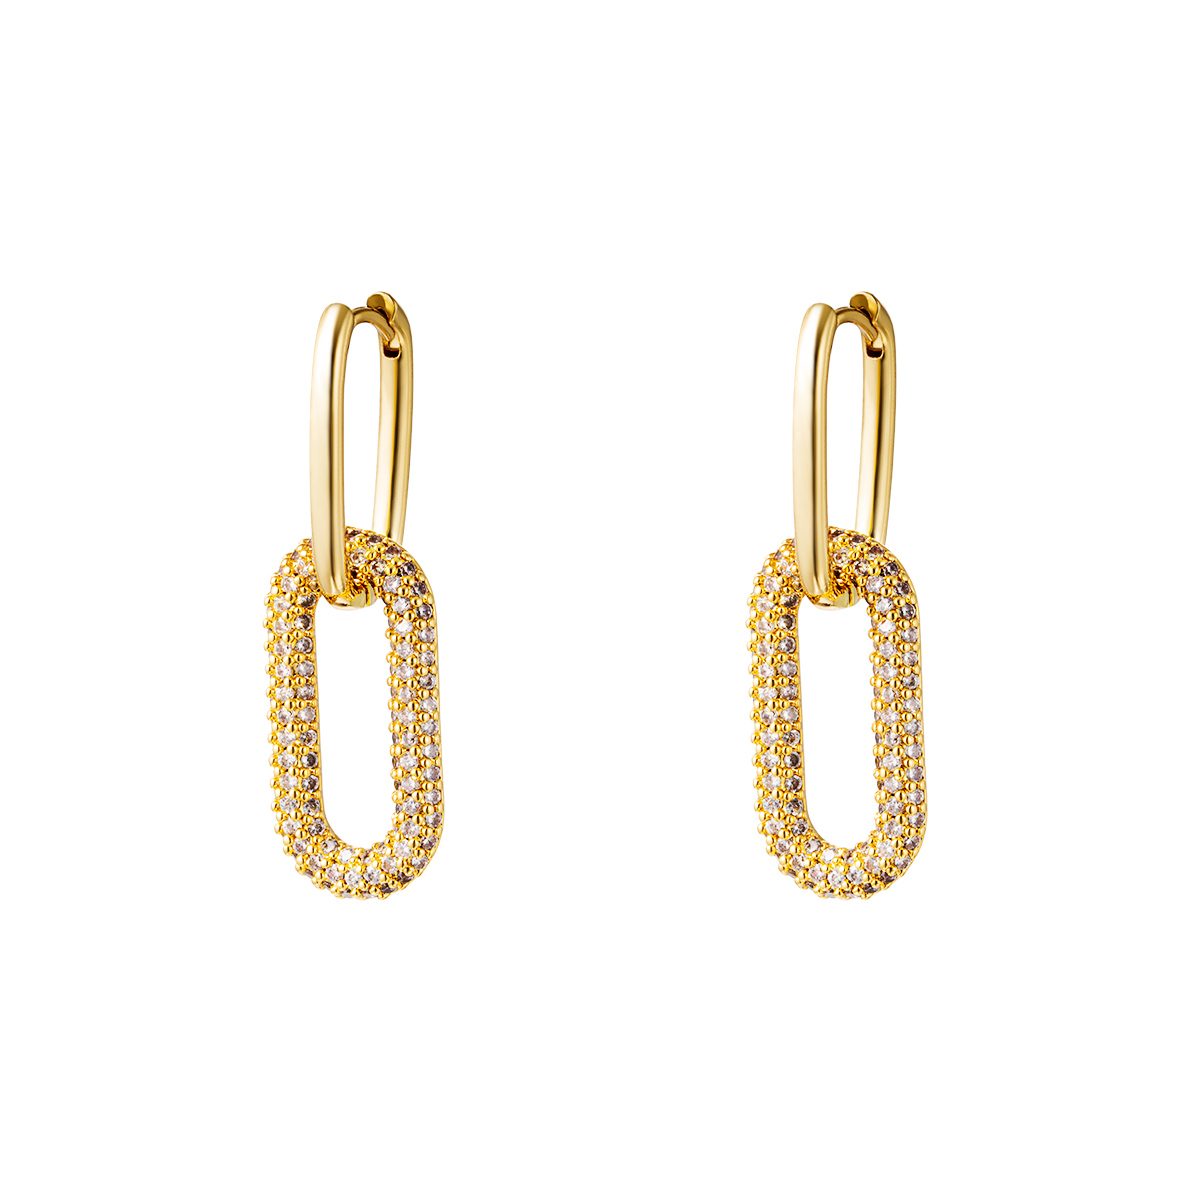 Boucles d'oreilles en cuivre doré avec pierres de zircon - Grandes